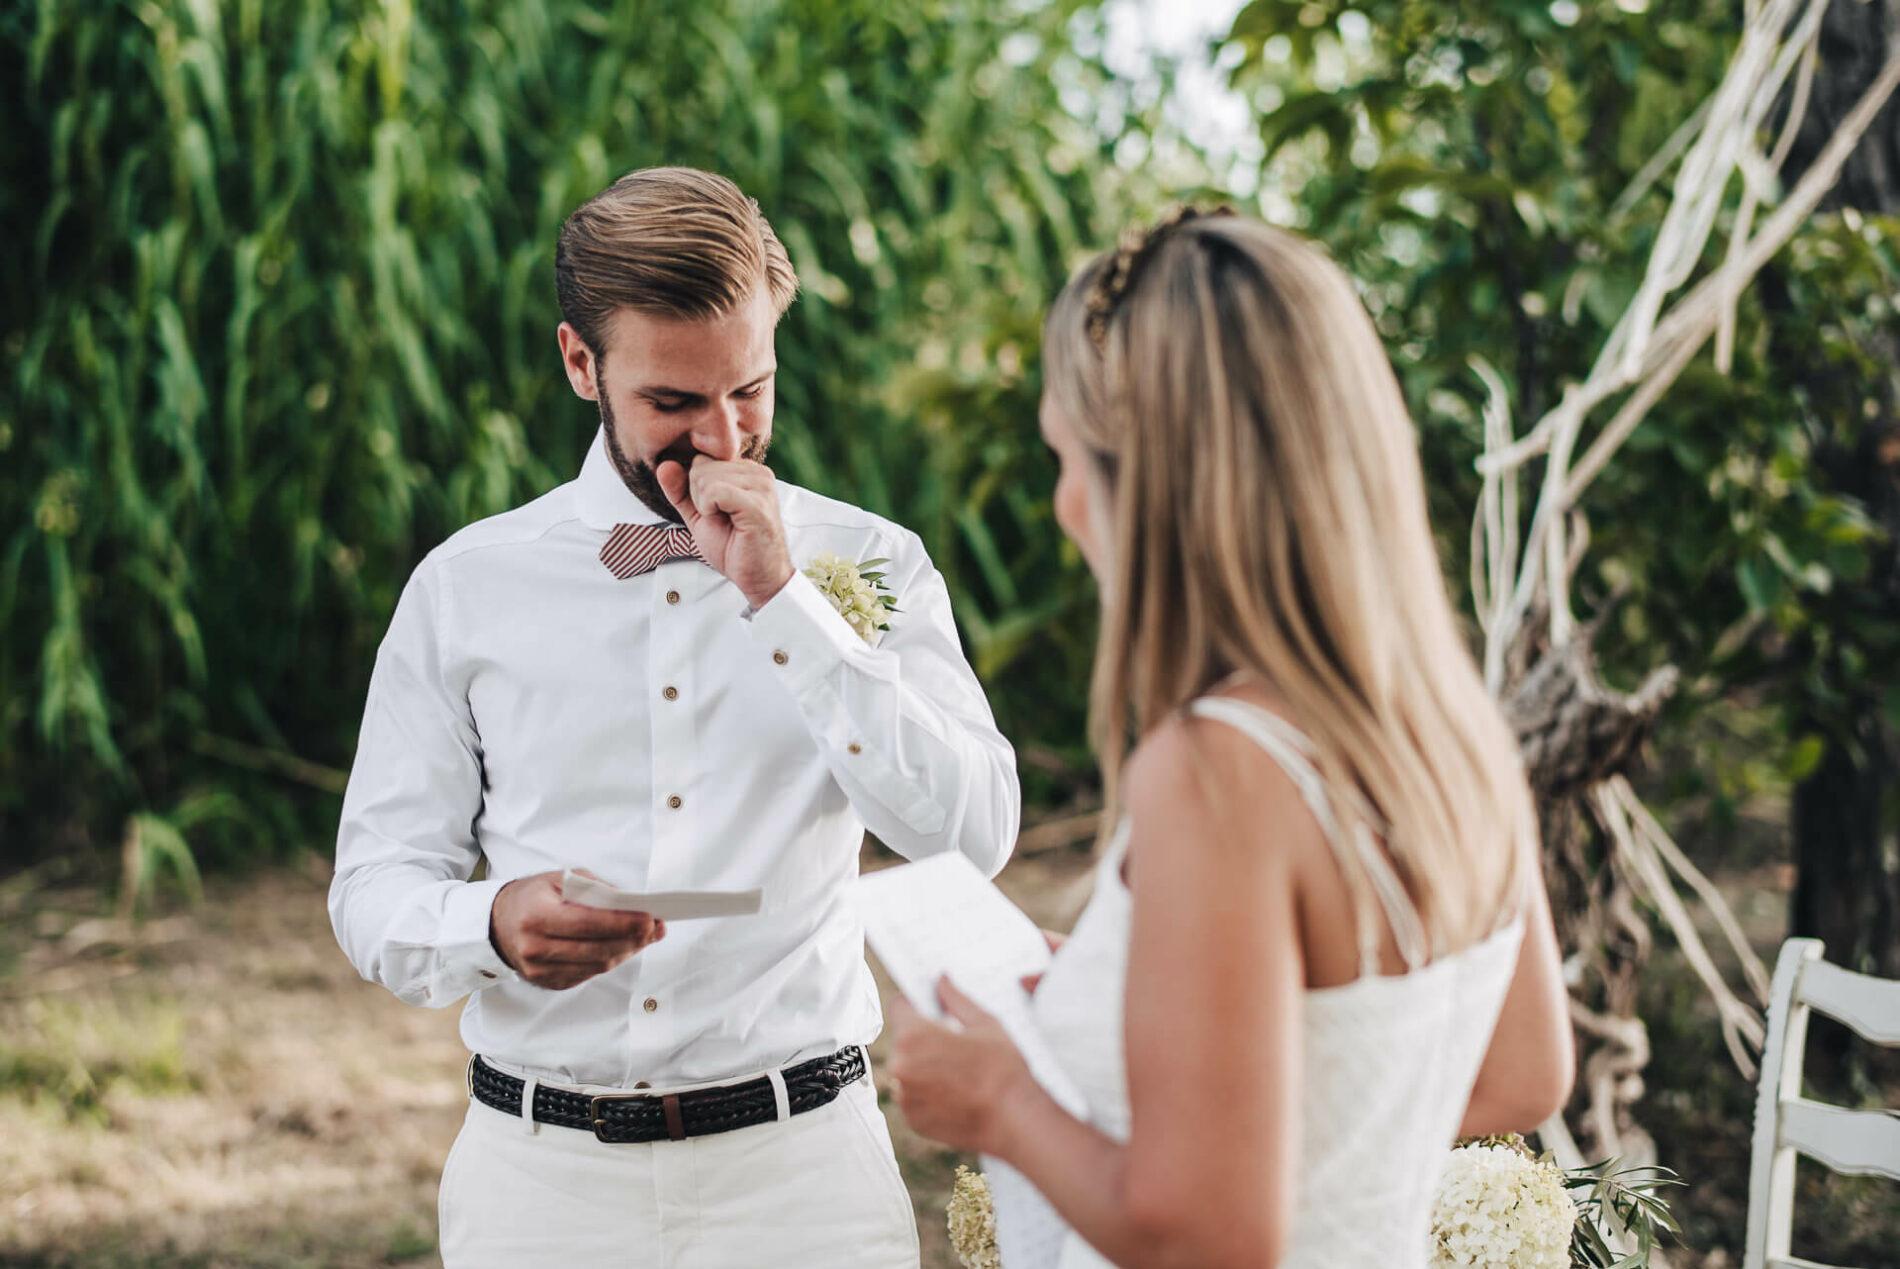 persoonlijke trouwgelofte